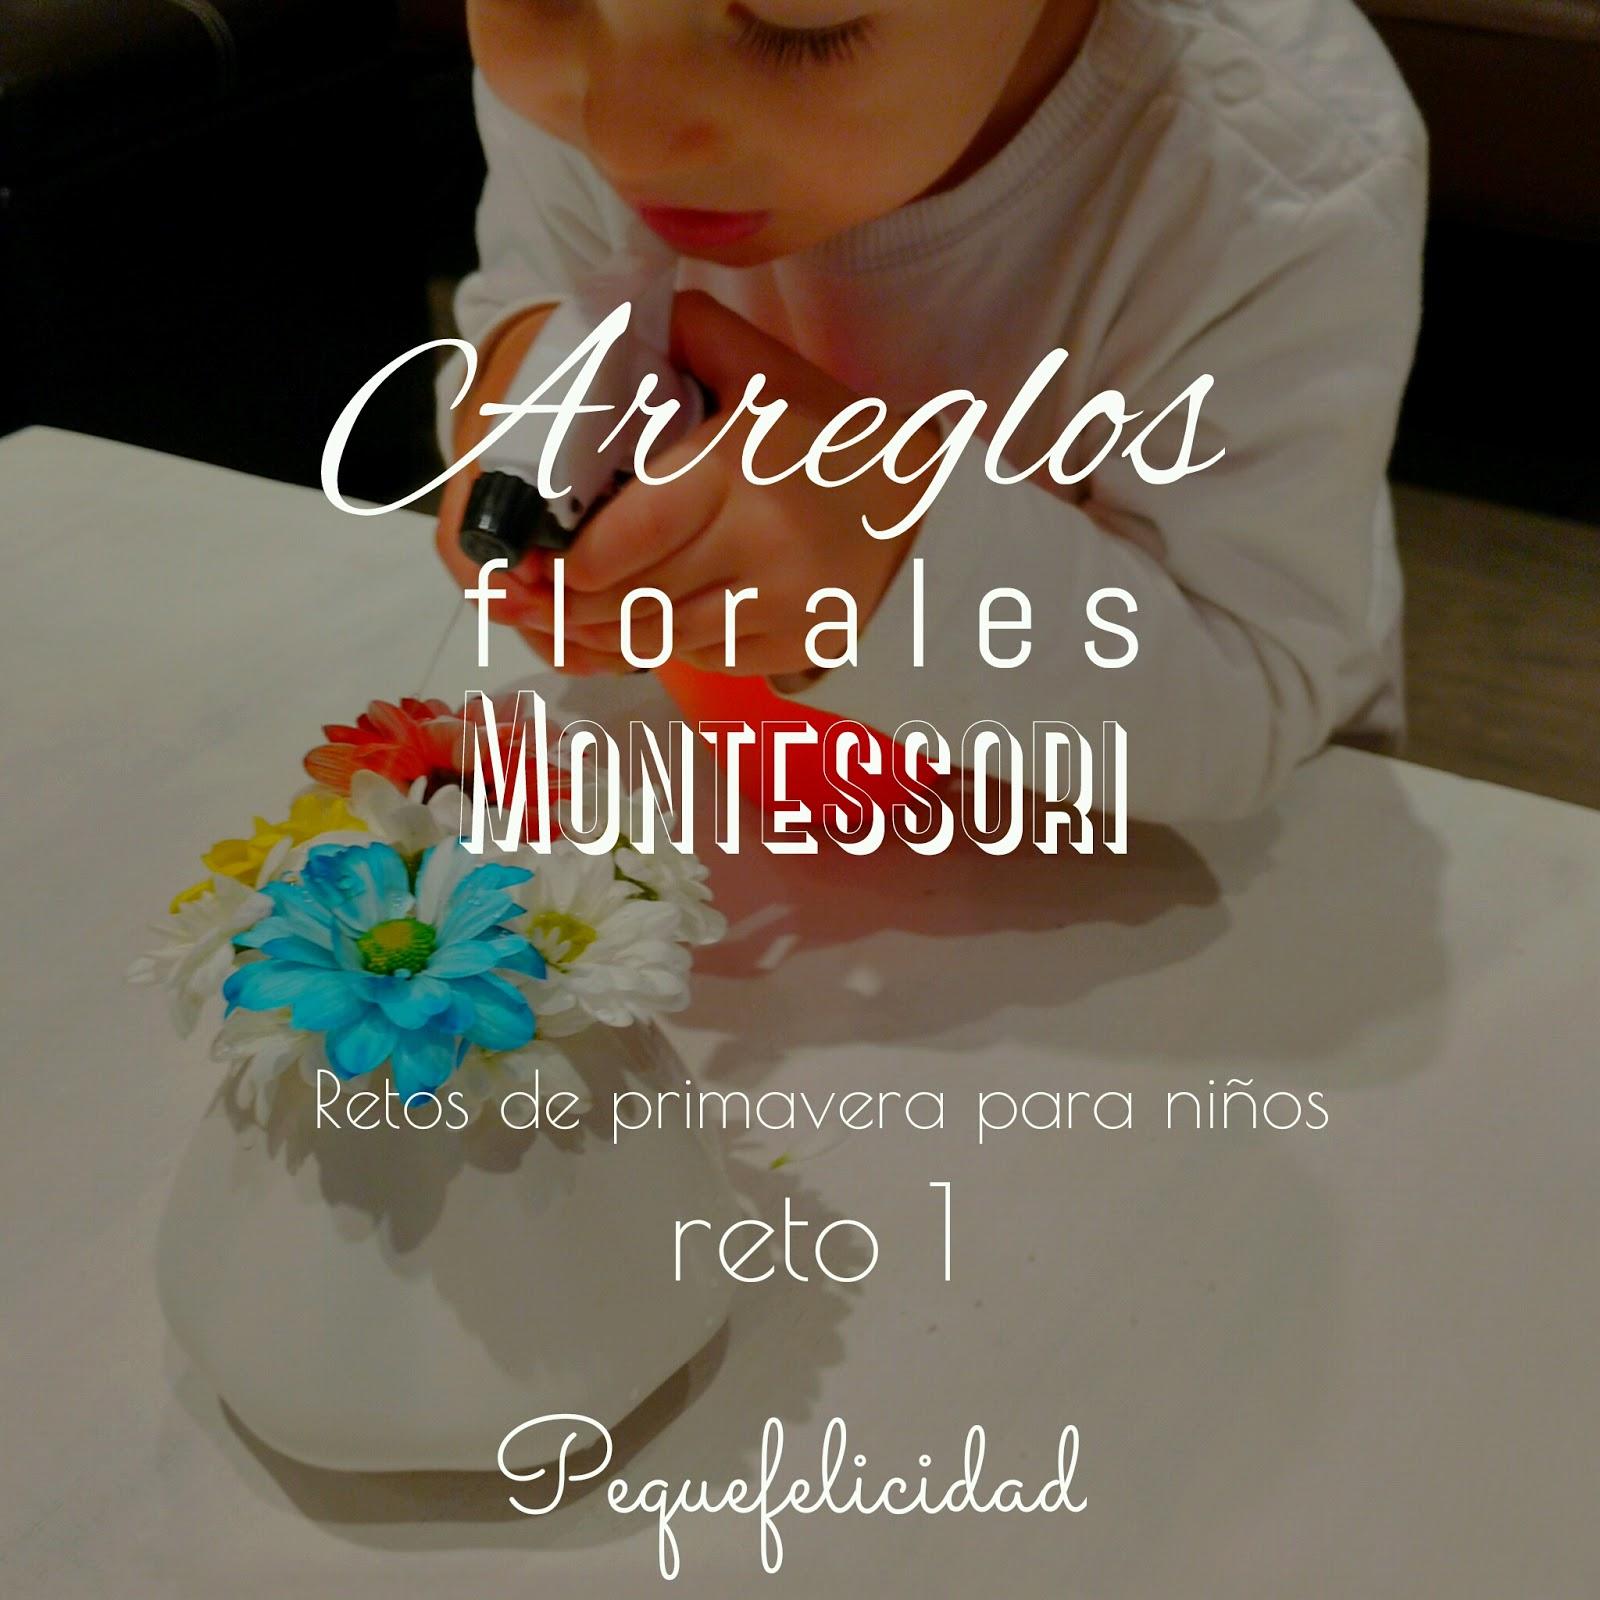 Pequefelicidad Arreglos Florales Montessori Reto 1 De